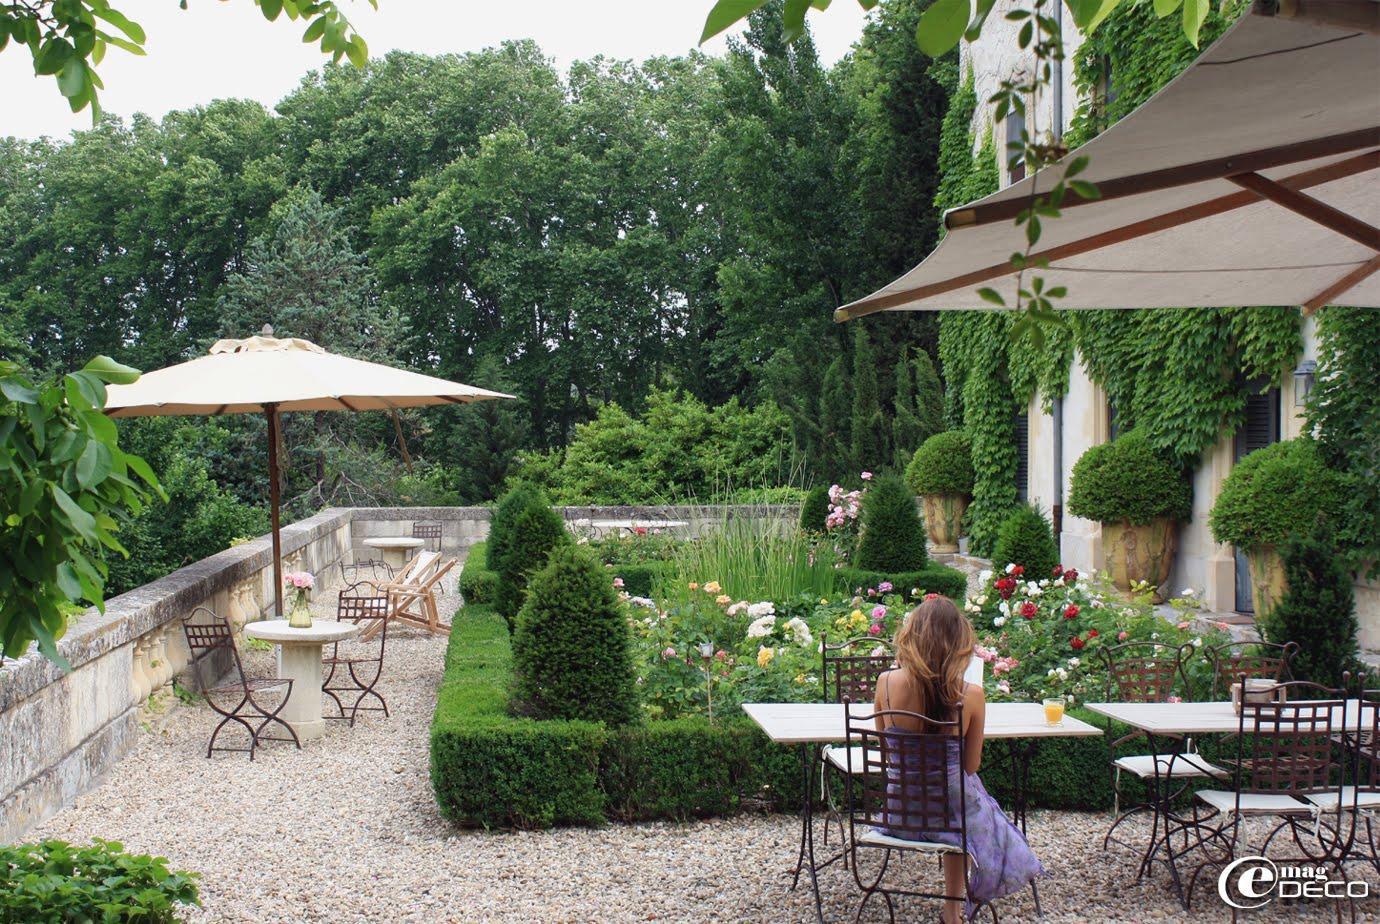 La terrasse du château de Christin, de part sa situation élevée permet de jouir de la vue sur les jardins